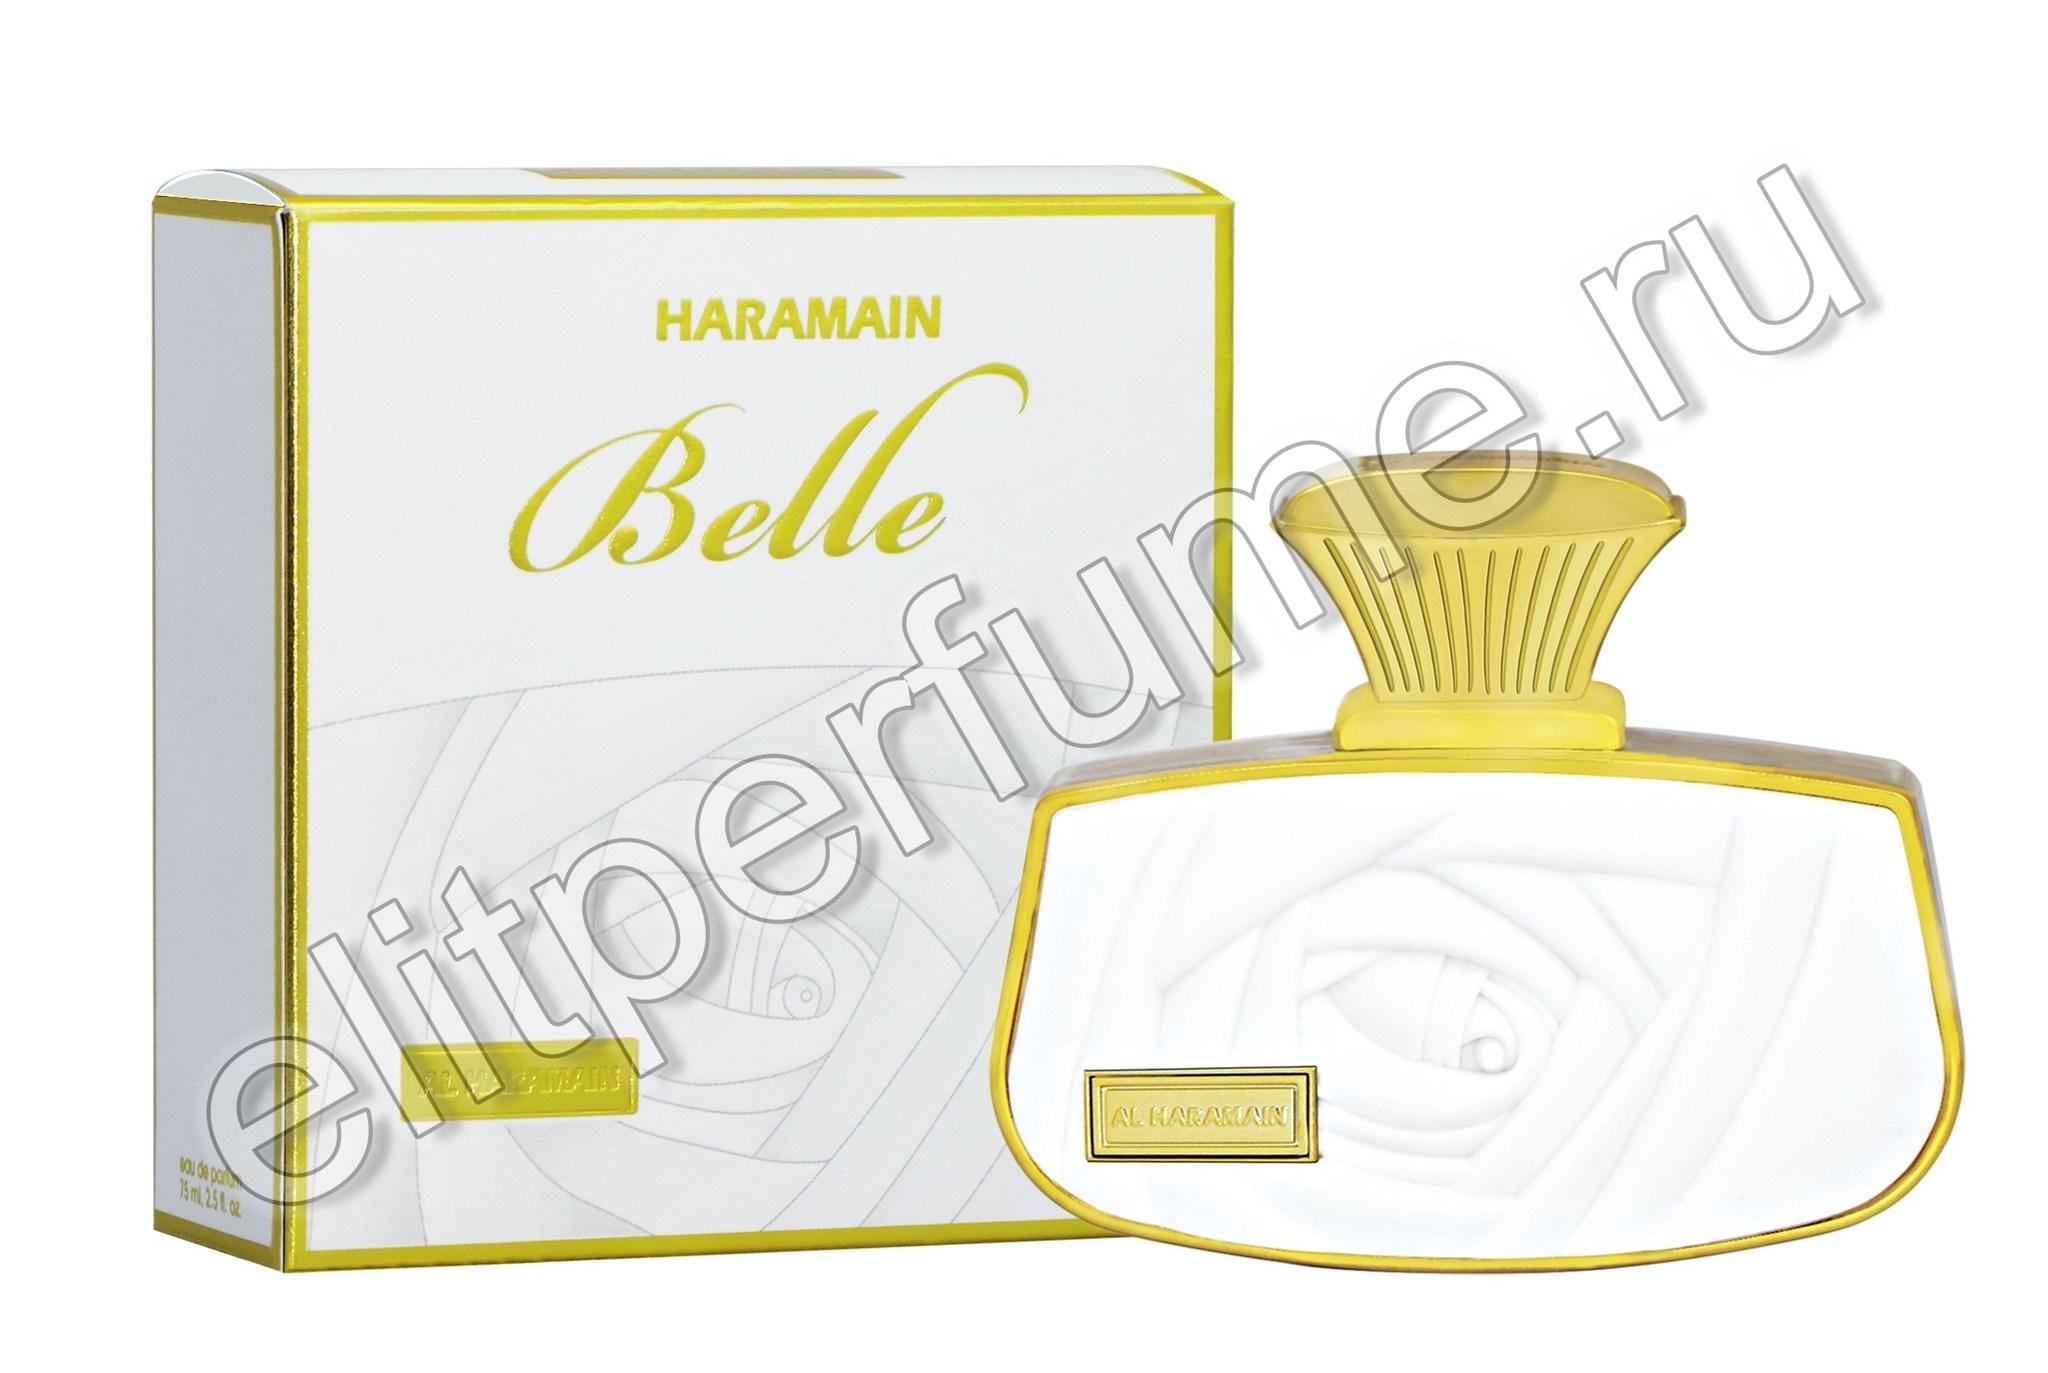 Пробники для Haramain Belle  Харамайн Бель  1 мл спрей от Аль Харамайн Al Haramain Perfumes